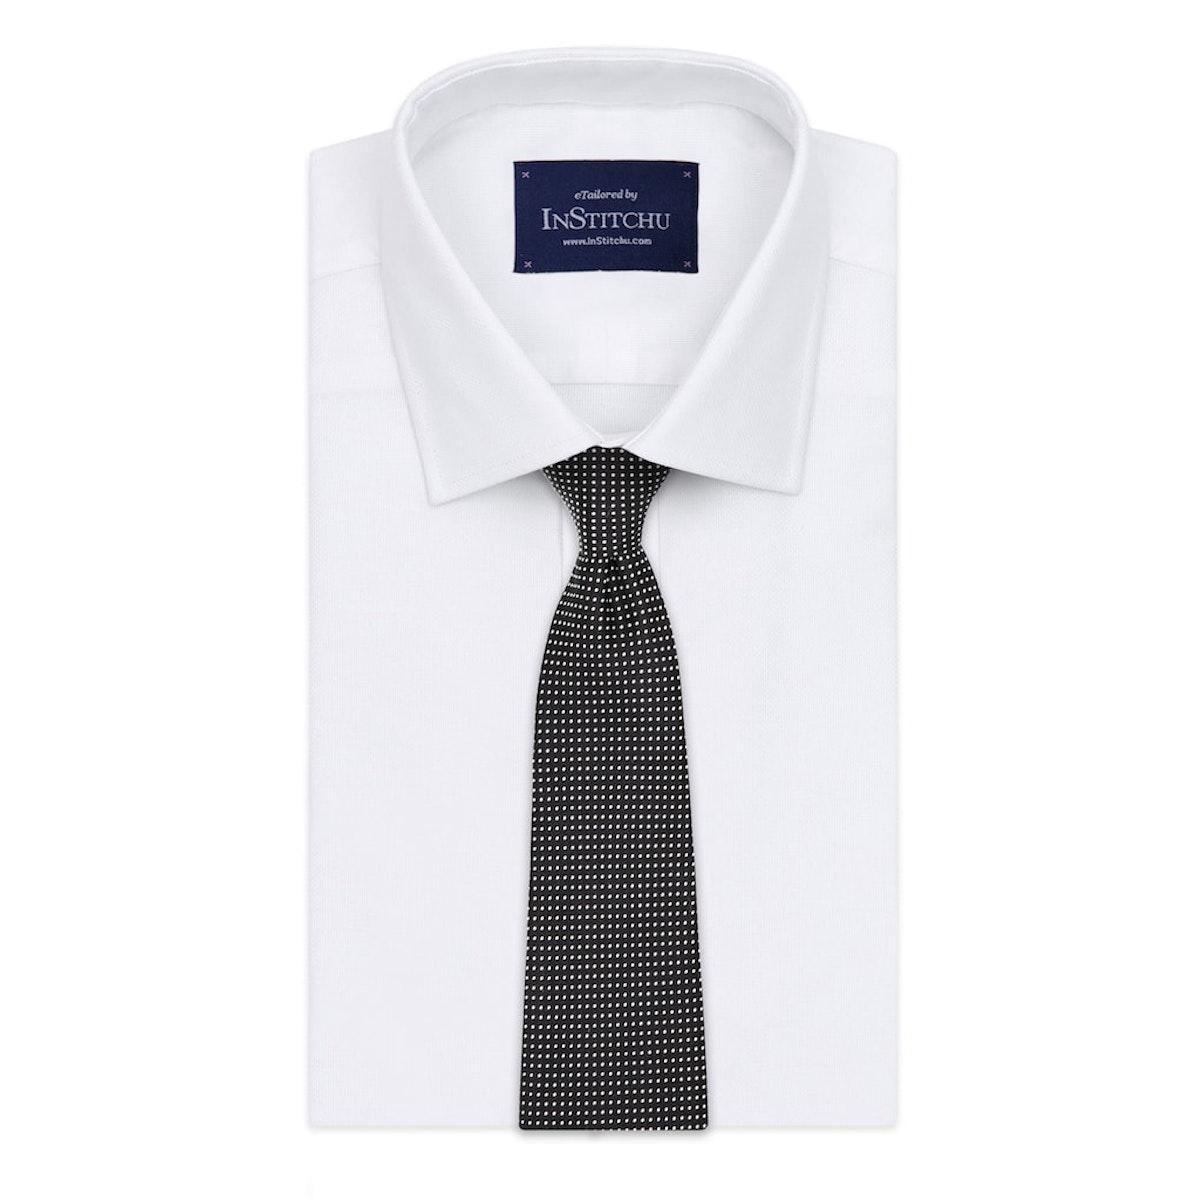 InStitchu Essentials Accessories Tie Clovelly White Spotted Black Silk Tie